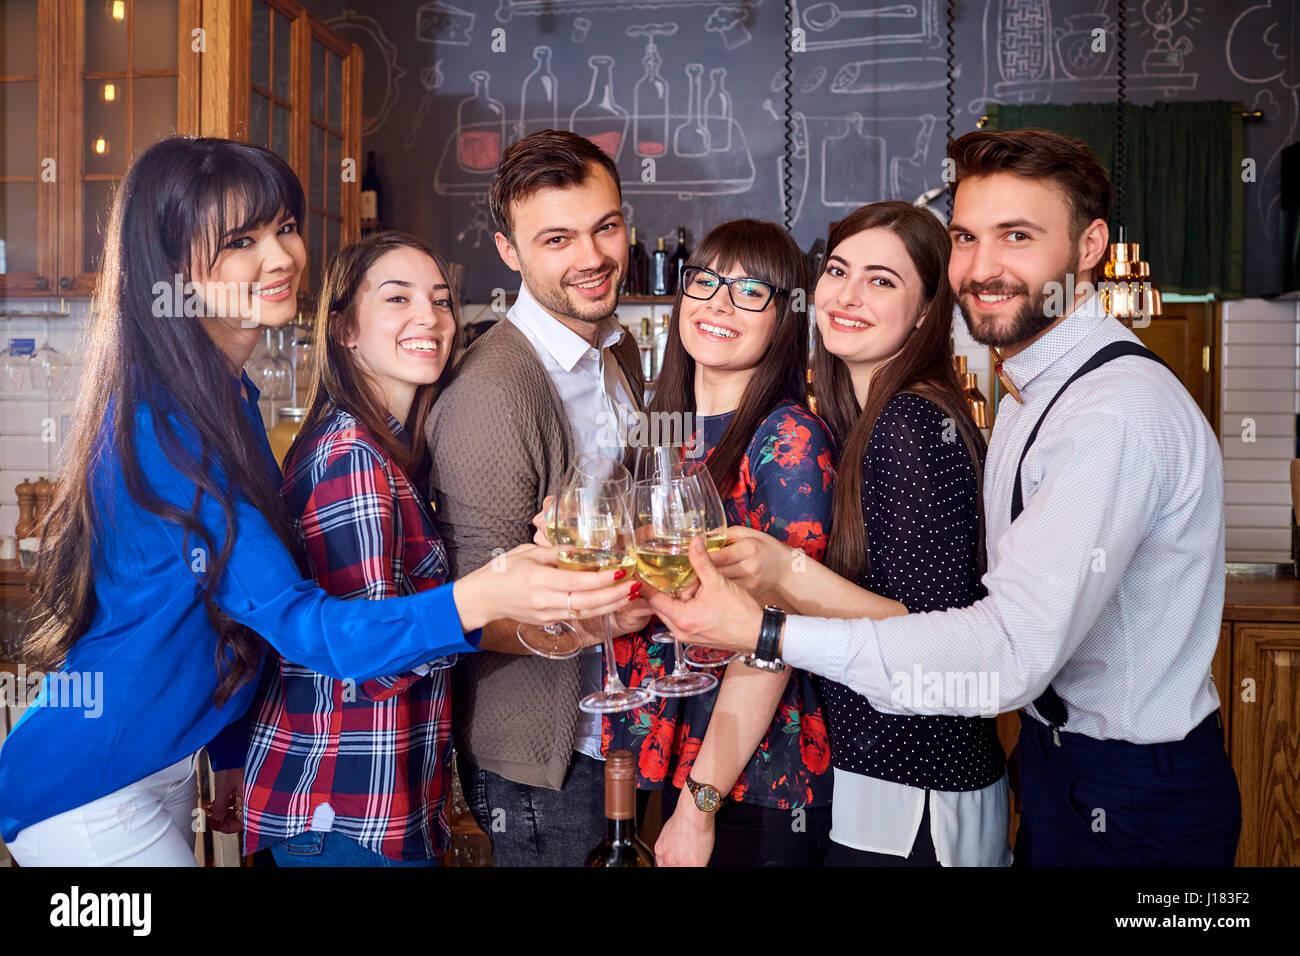 Porträt einer Gruppe von Freunden mit Brille bei Treffen im restau Stockbild